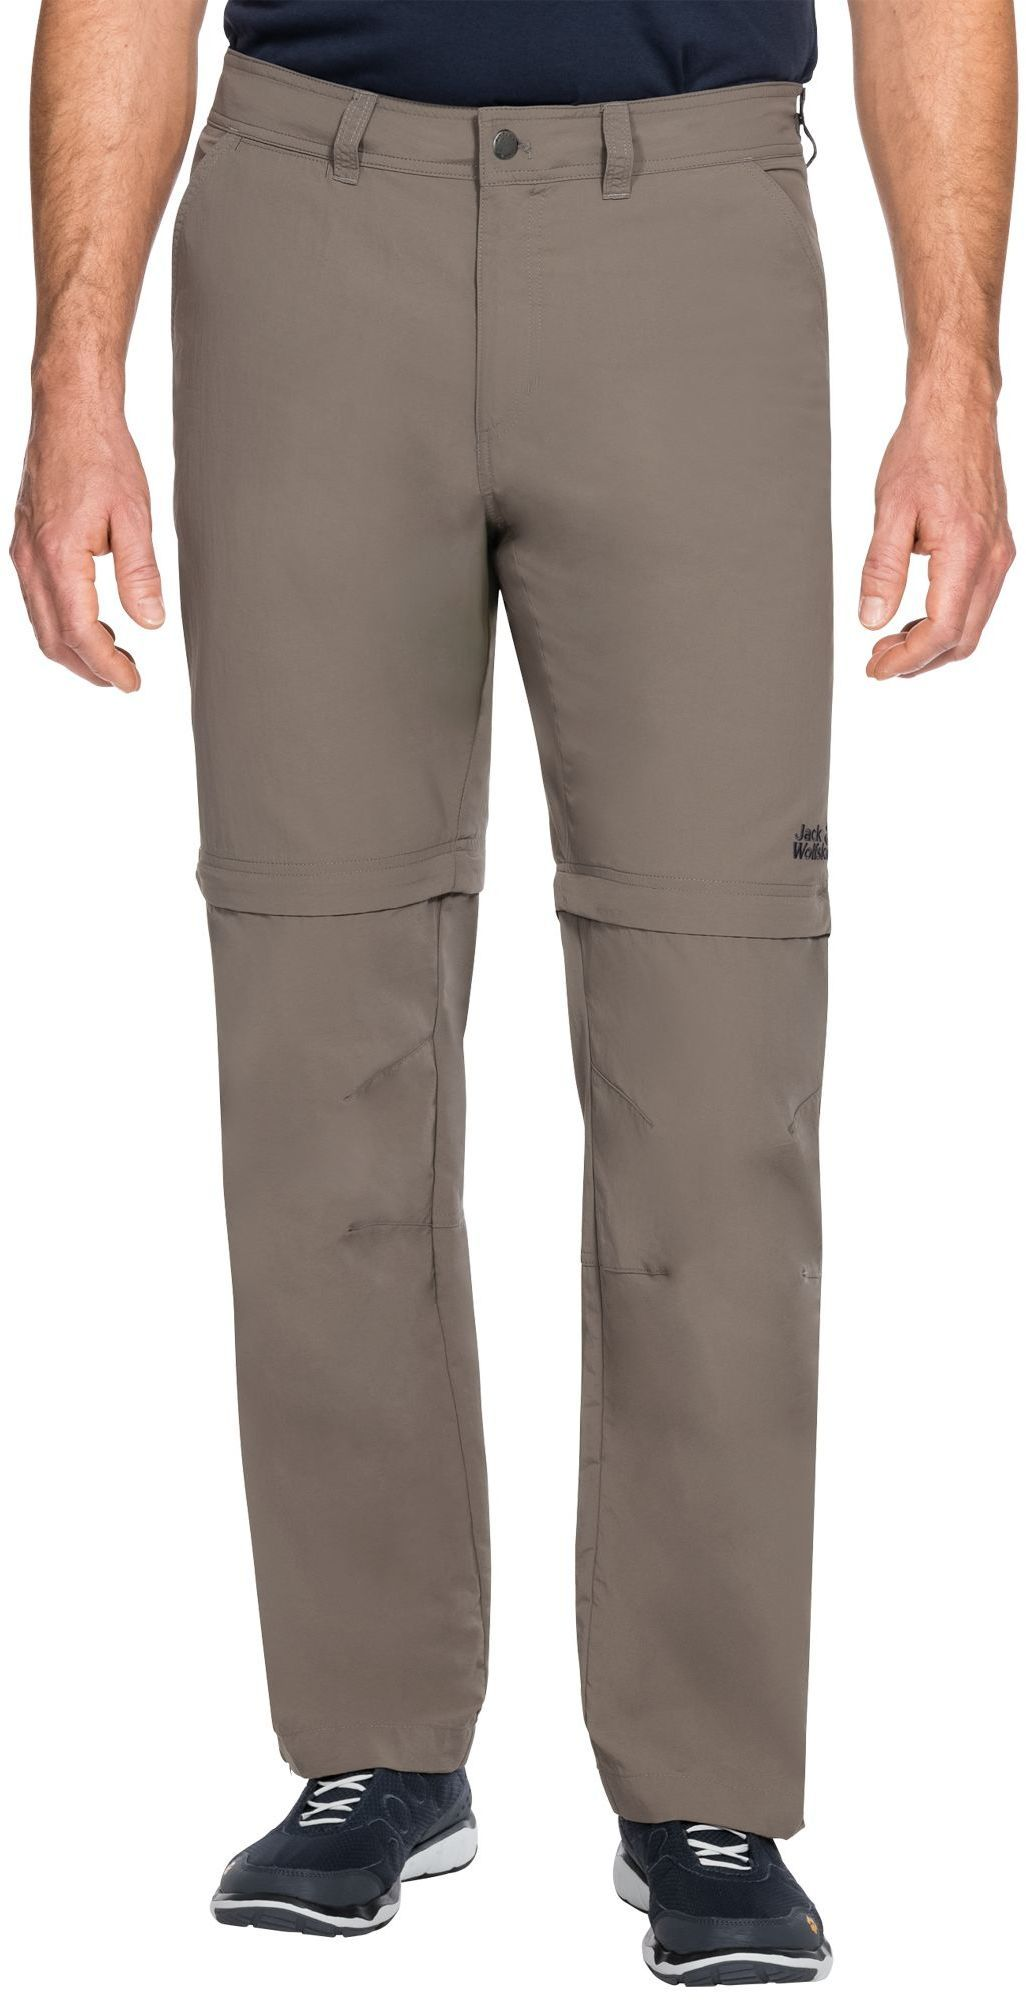 Jack Wolfskin Spodnie męskie CANYON ZIP OFF PANTS Siltstone r. 52 (1504191) 1